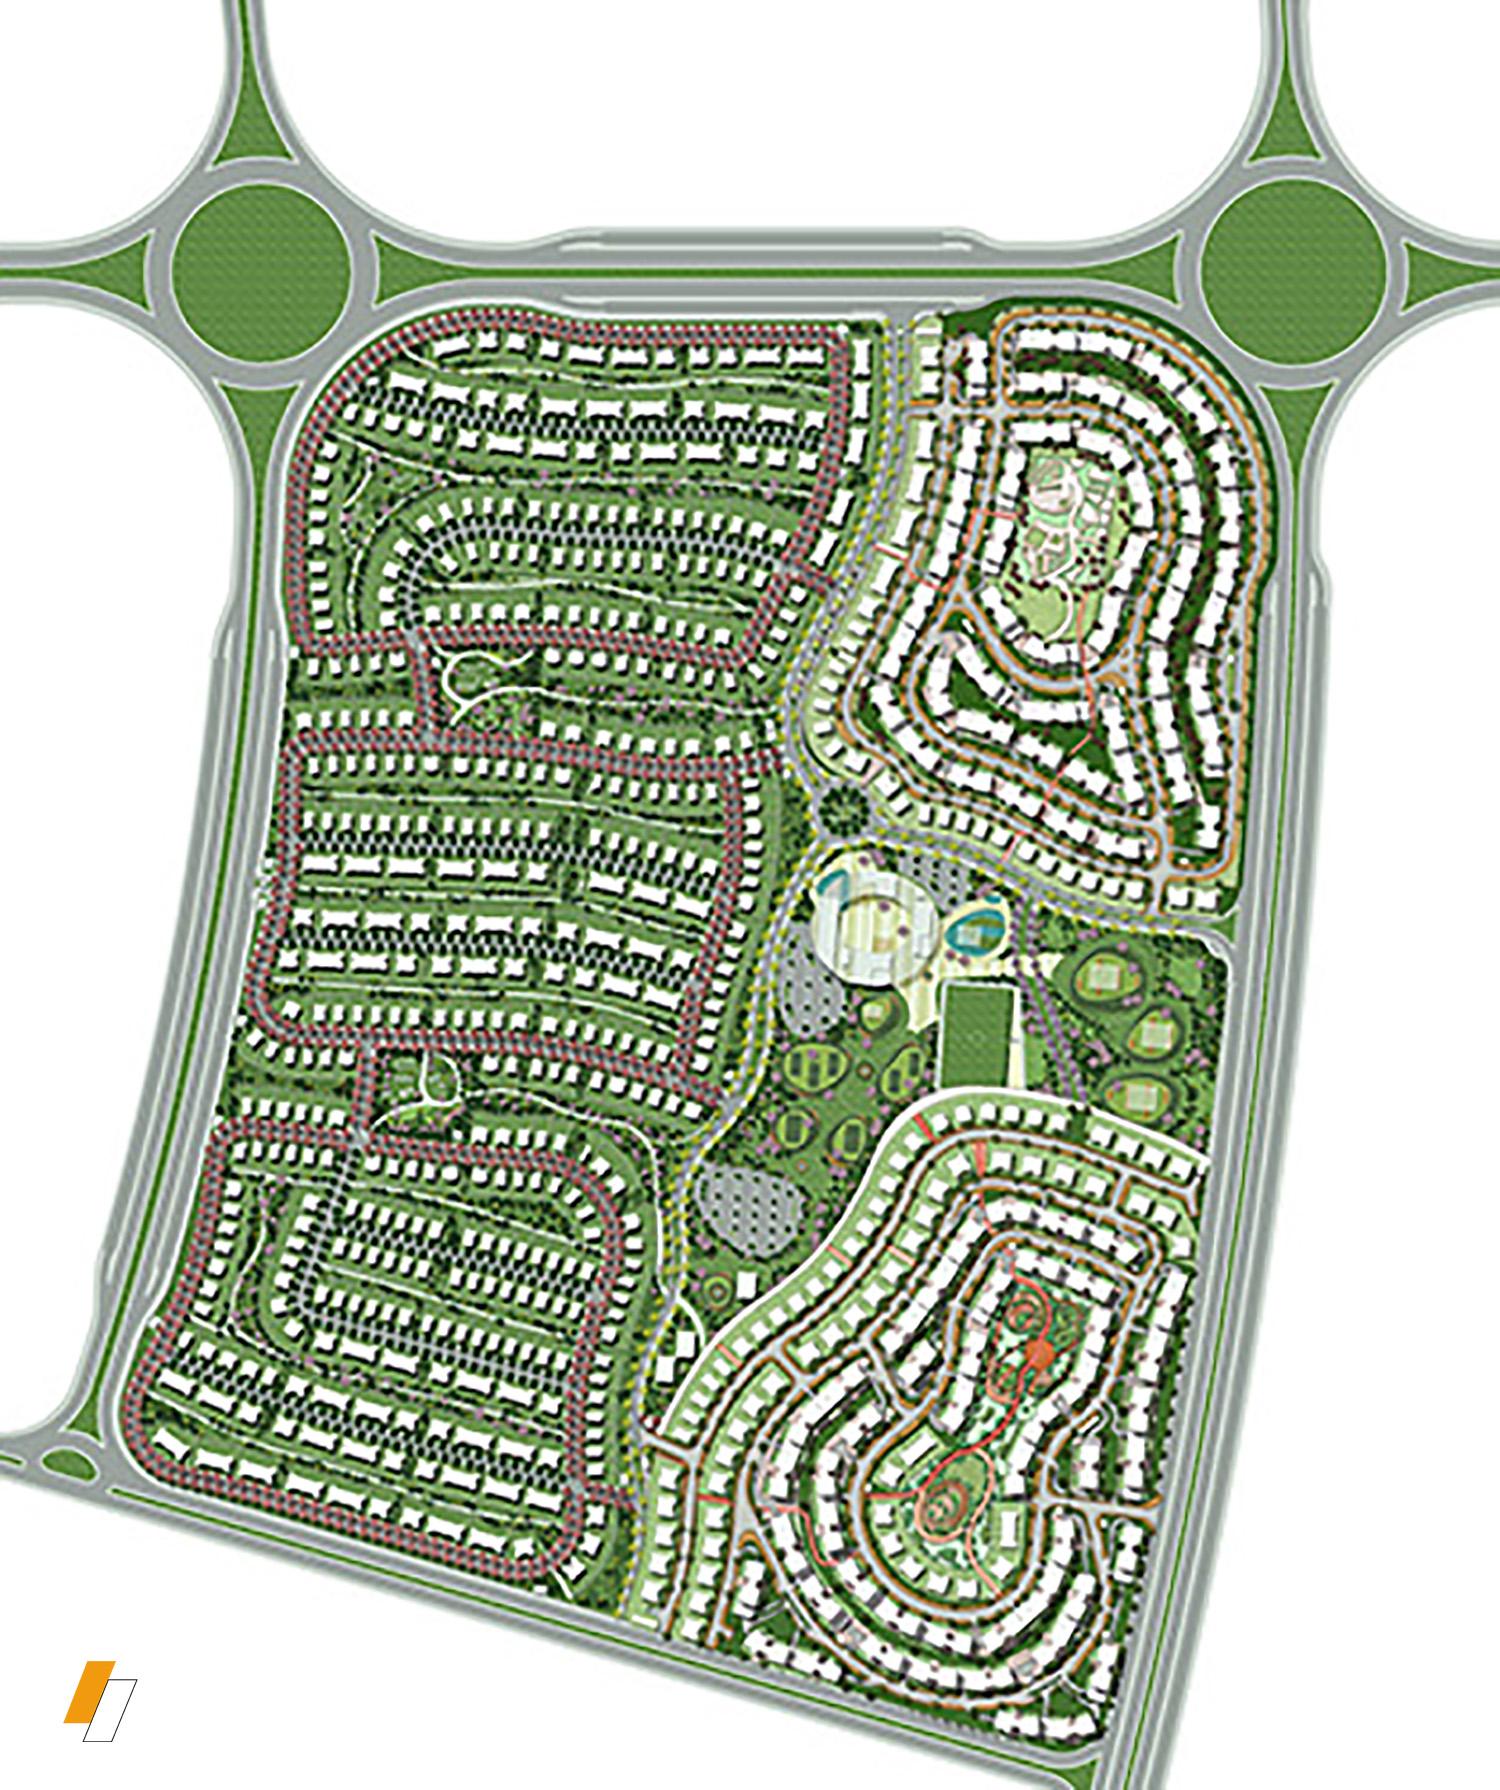 Villette - Master plan image - Flash property